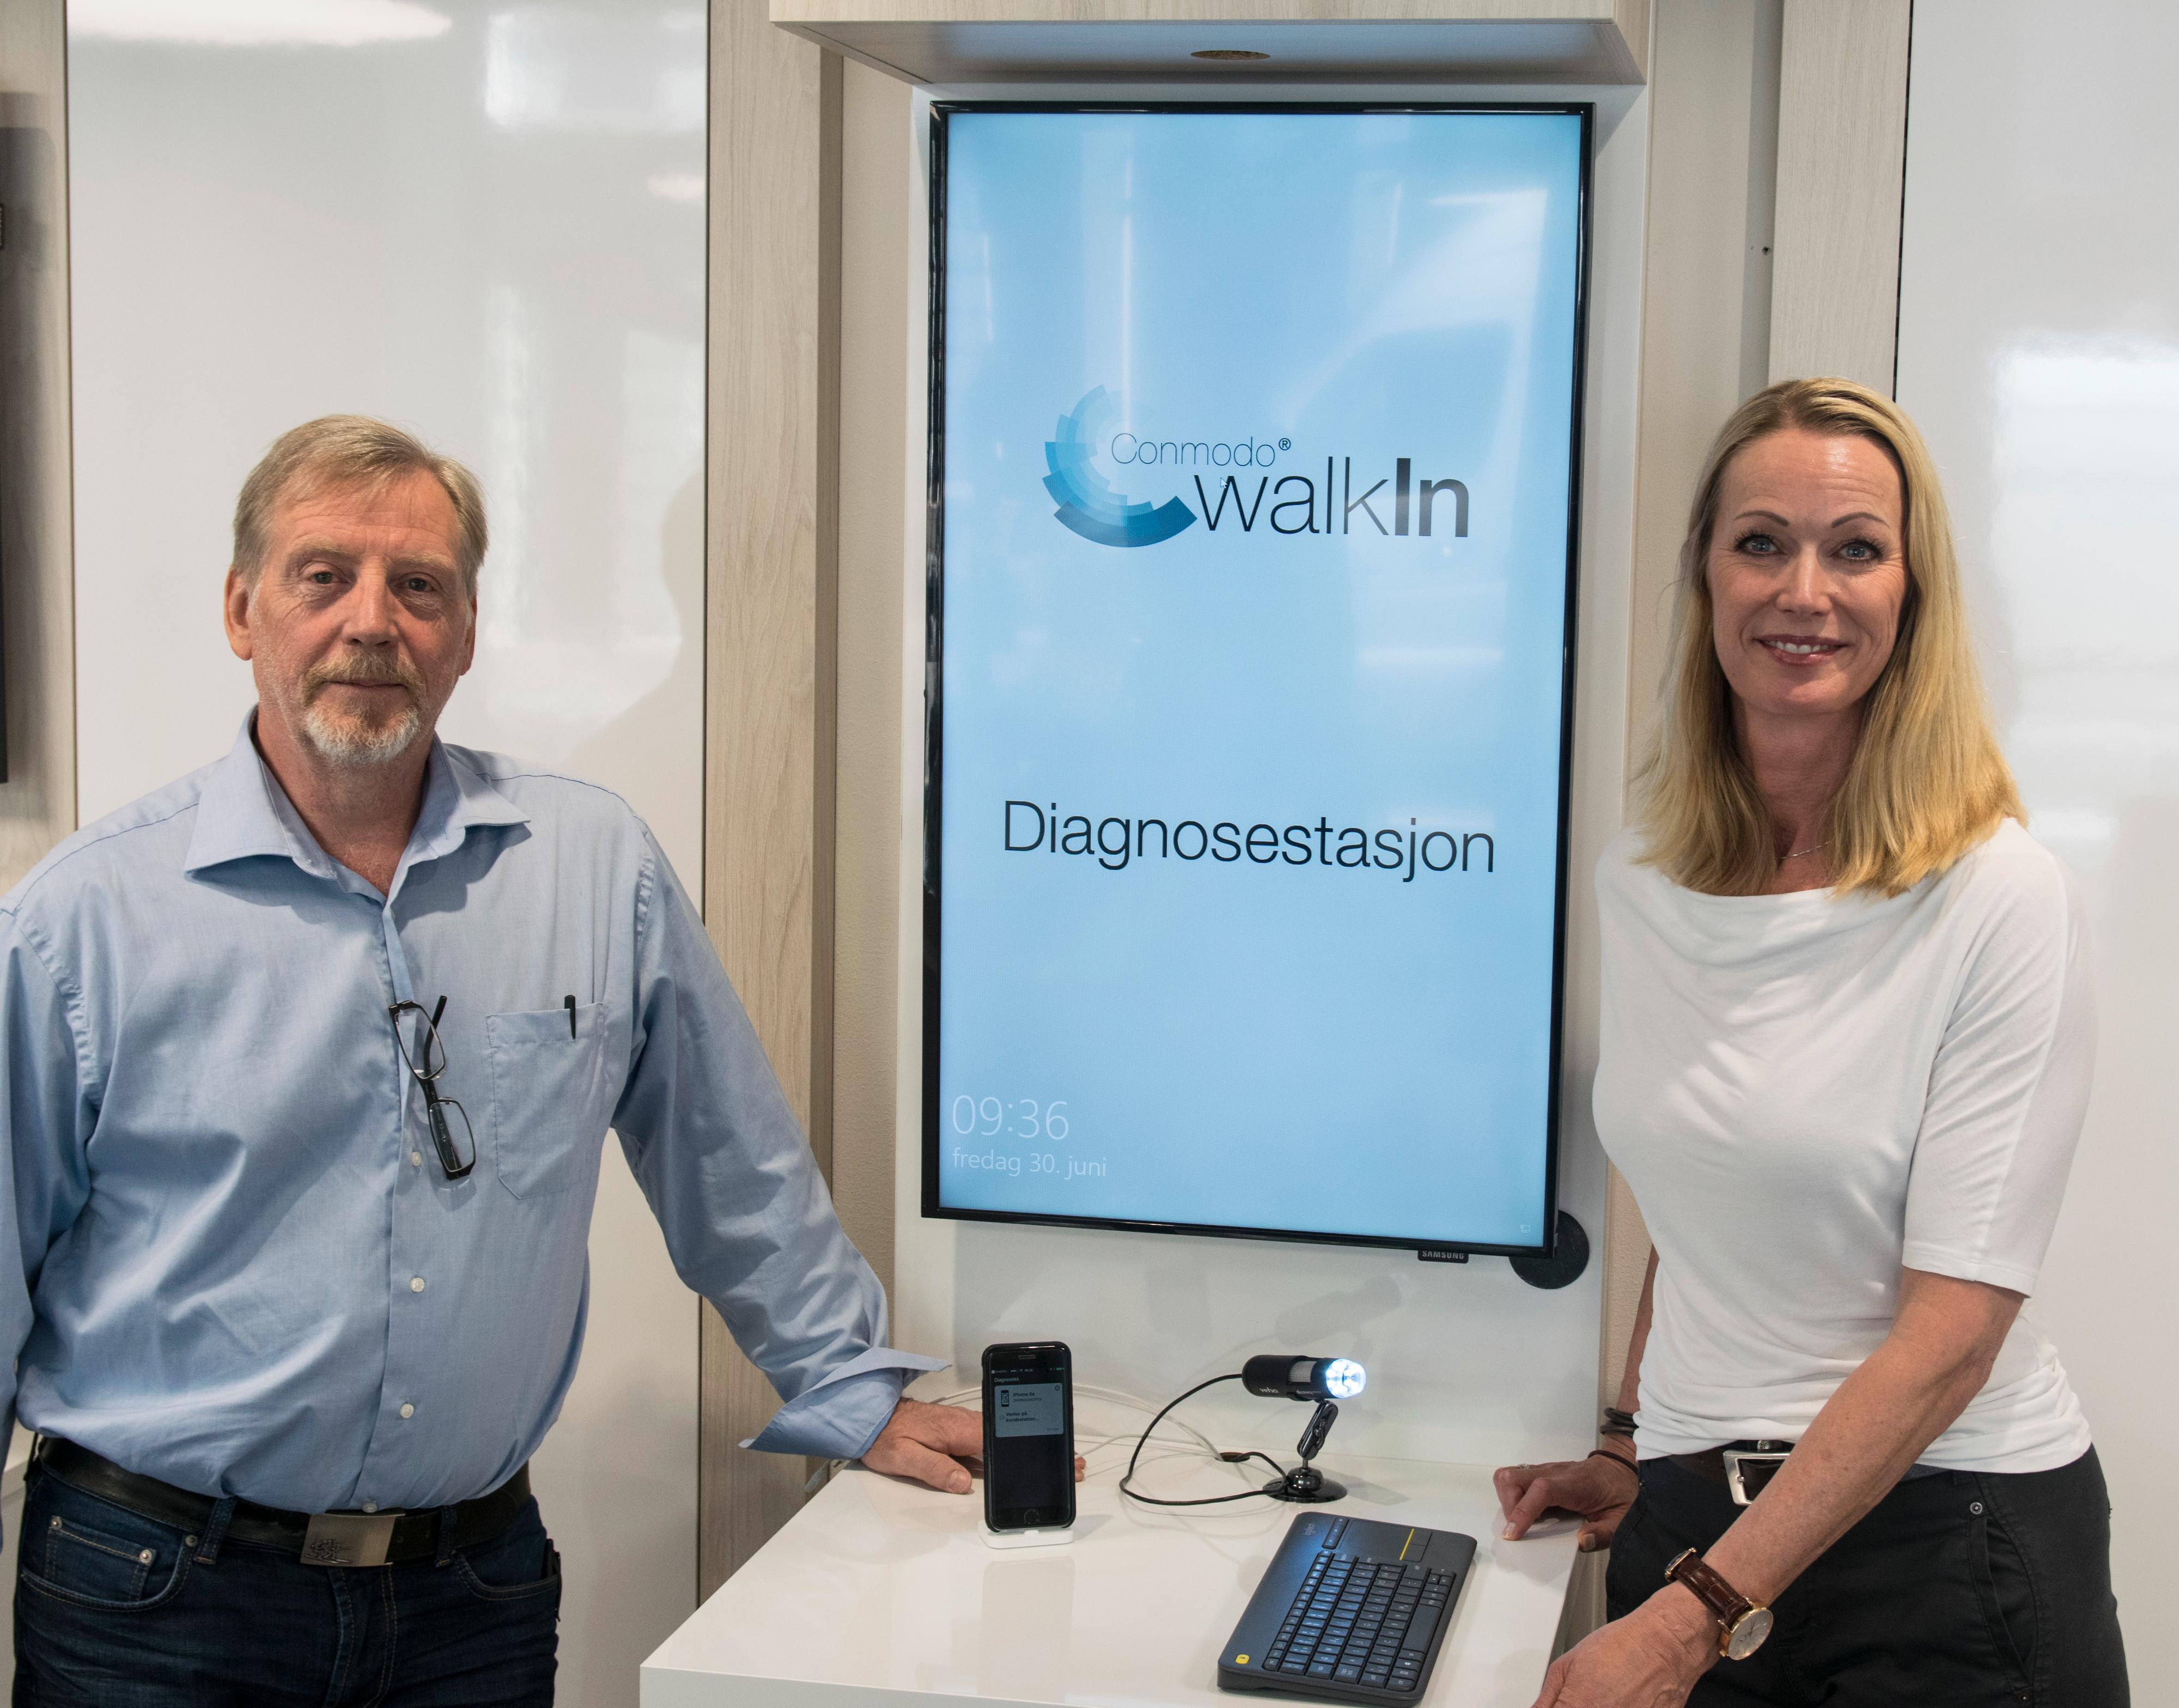 Konsept- og utviklingssjef Kåre Ronny Sletten og daglig leder Camilla Hall-Henriksen i Conmodo WalkIn åpner butikkene sine for lynservice av iPhoner på torsdag denne uken.